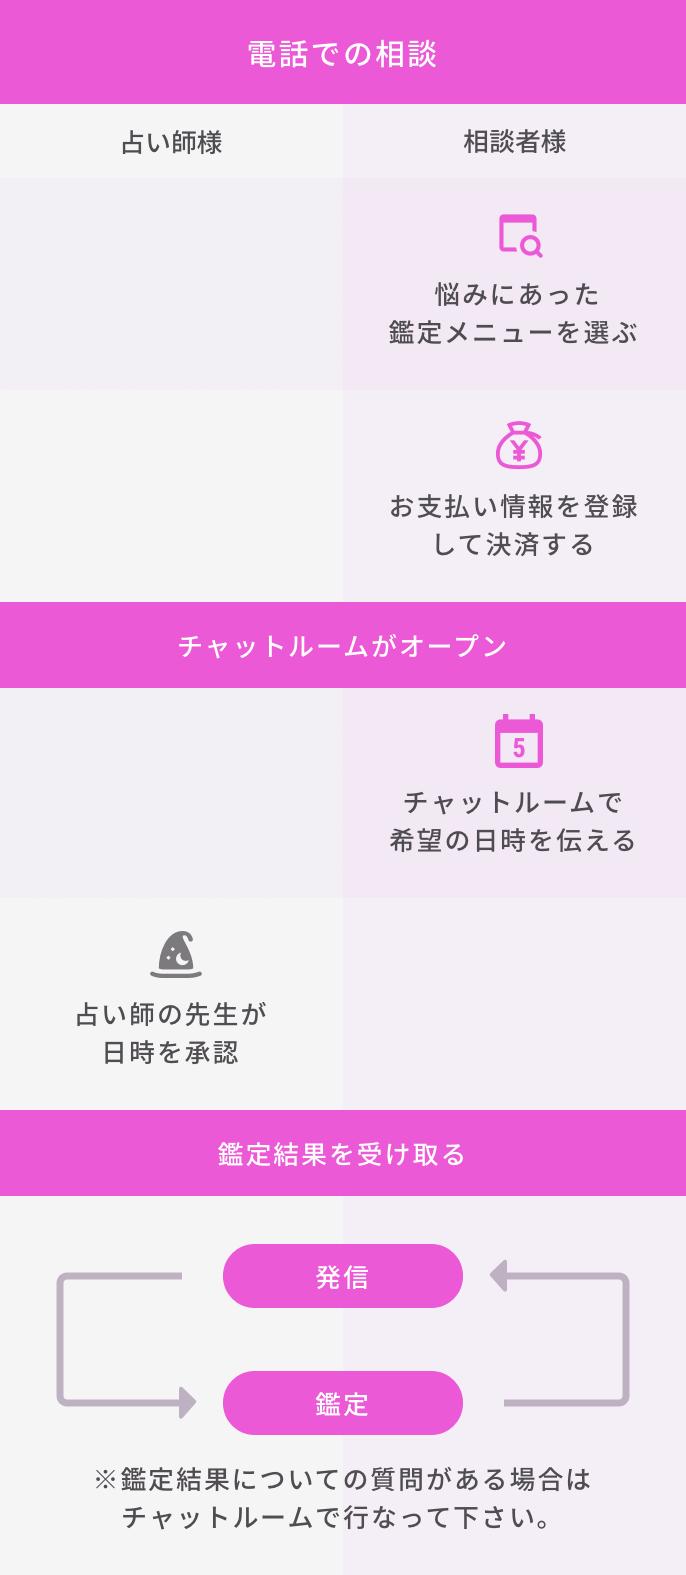 Tel fortune guide